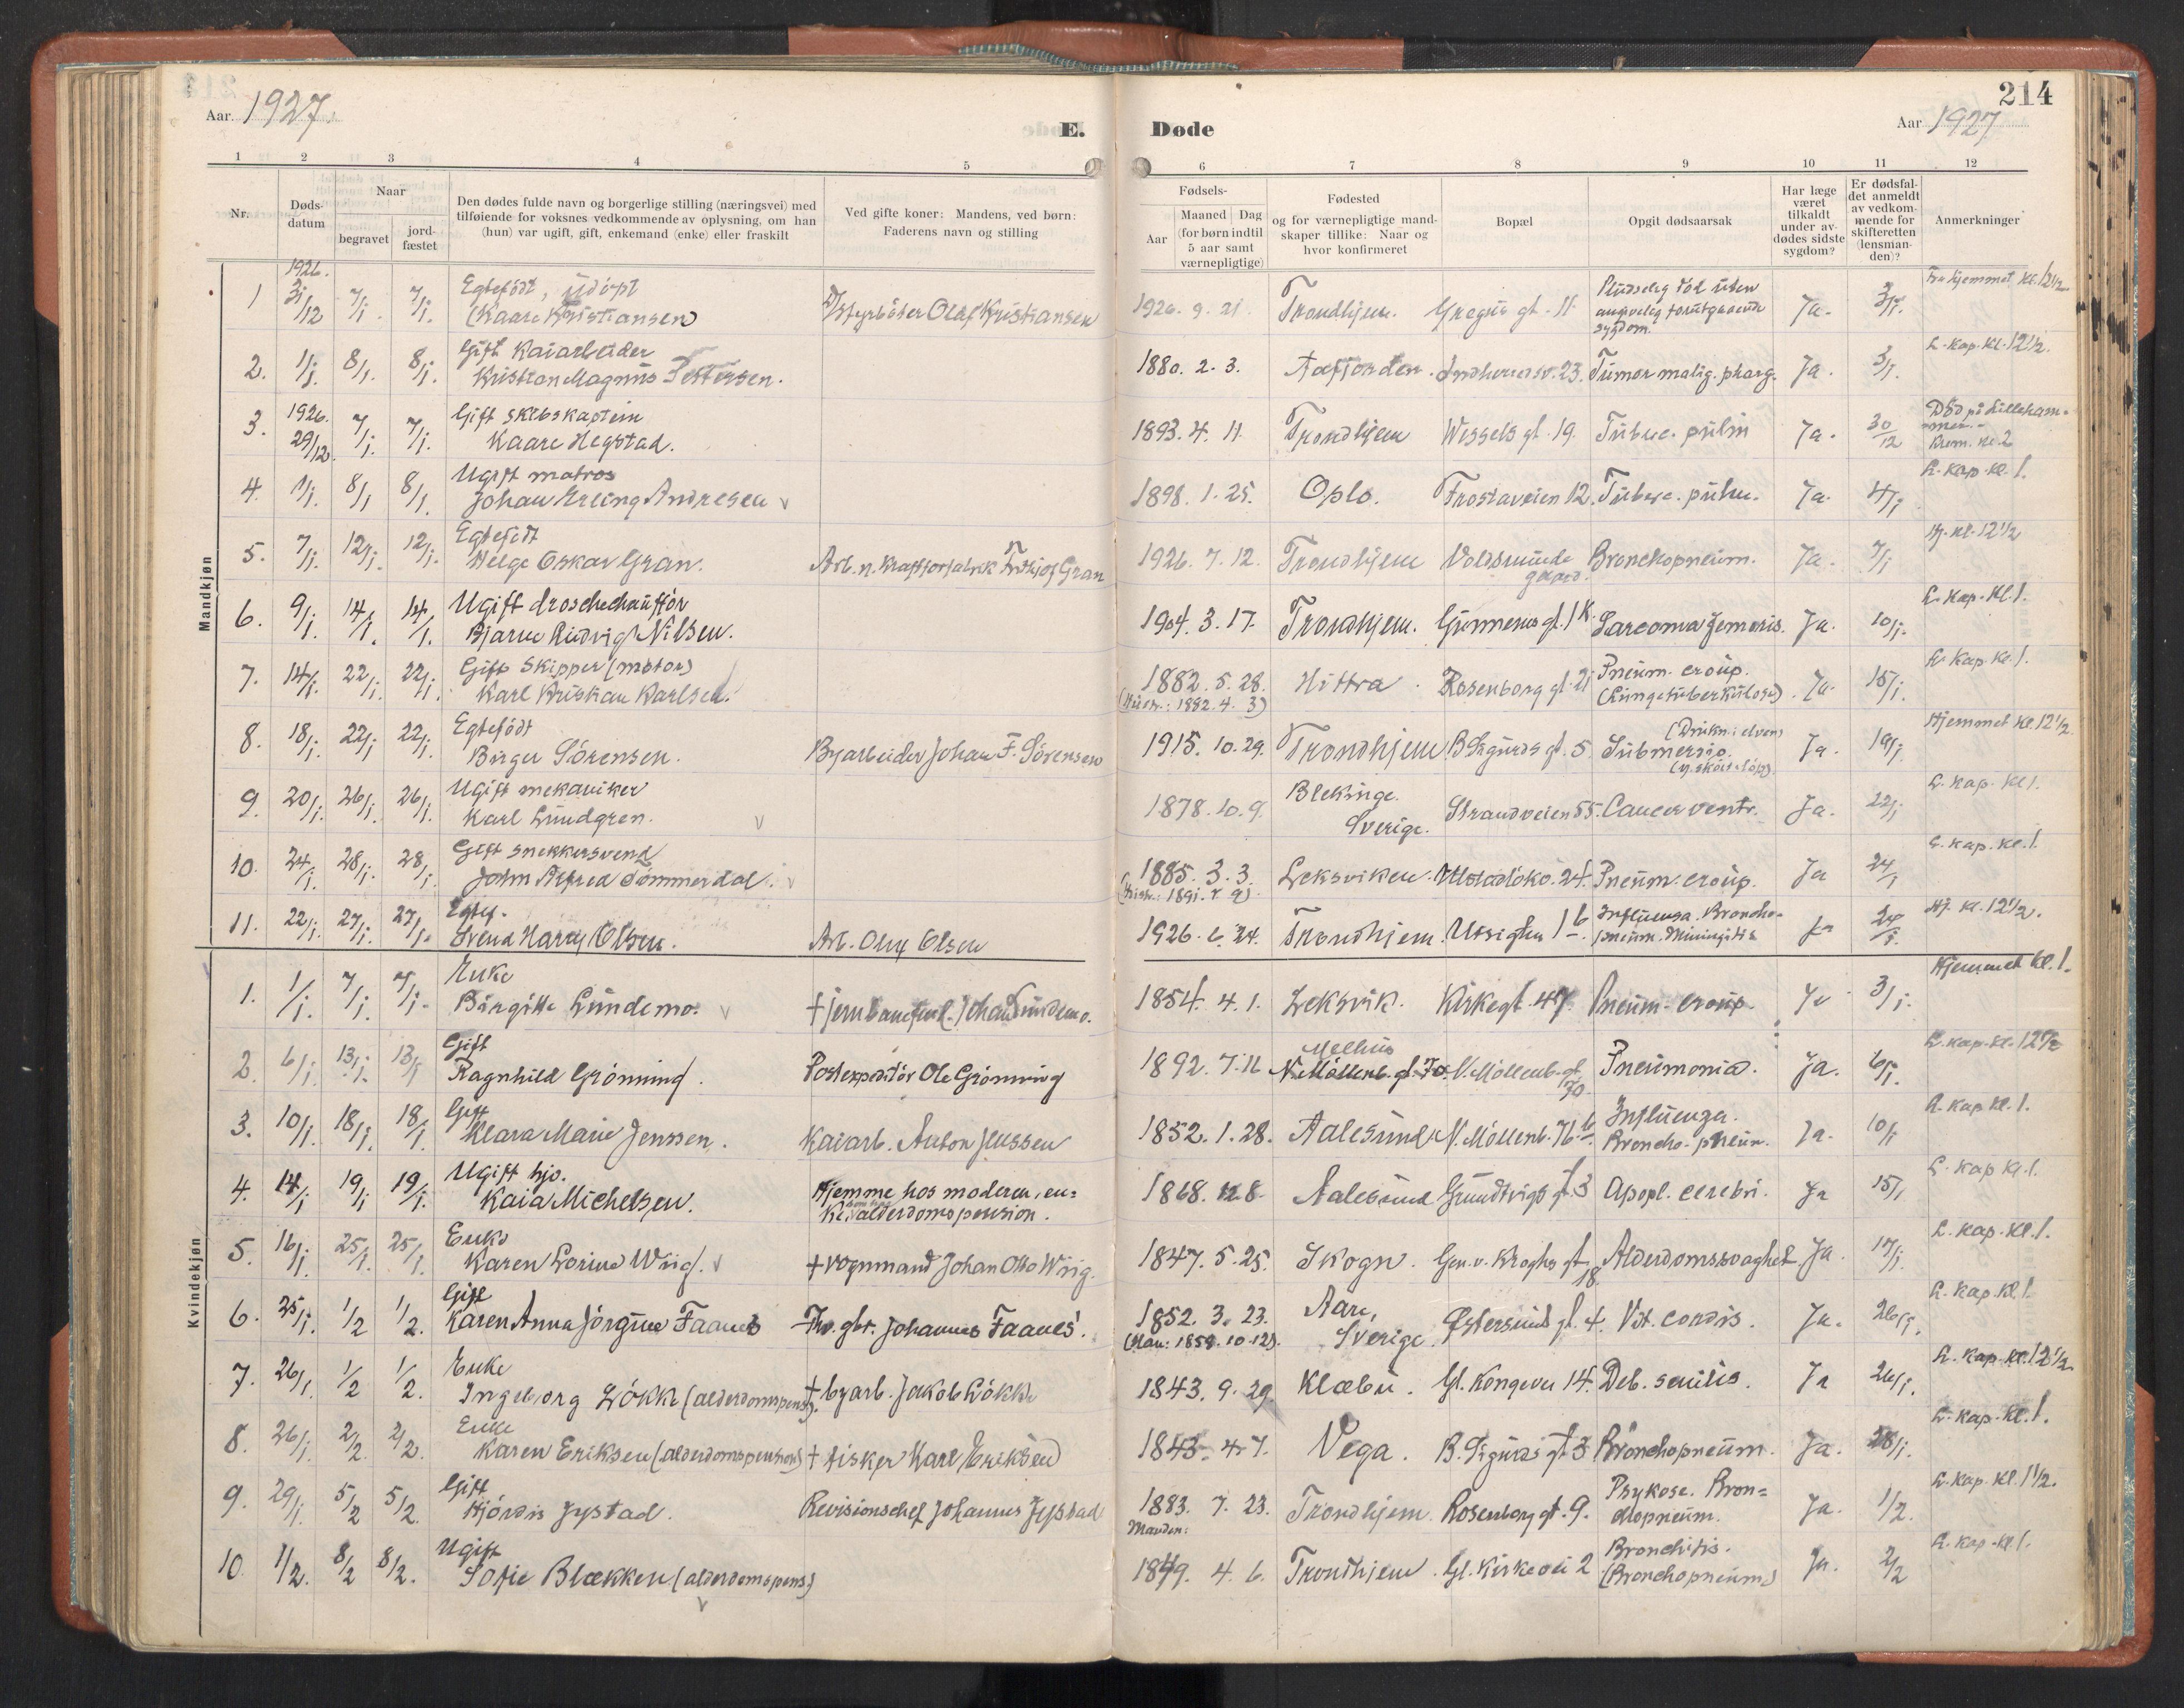 SAT, Ministerialprotokoller, klokkerbøker og fødselsregistre - Sør-Trøndelag, 605/L0245: Ministerialbok nr. 605A07, 1916-1938, s. 214